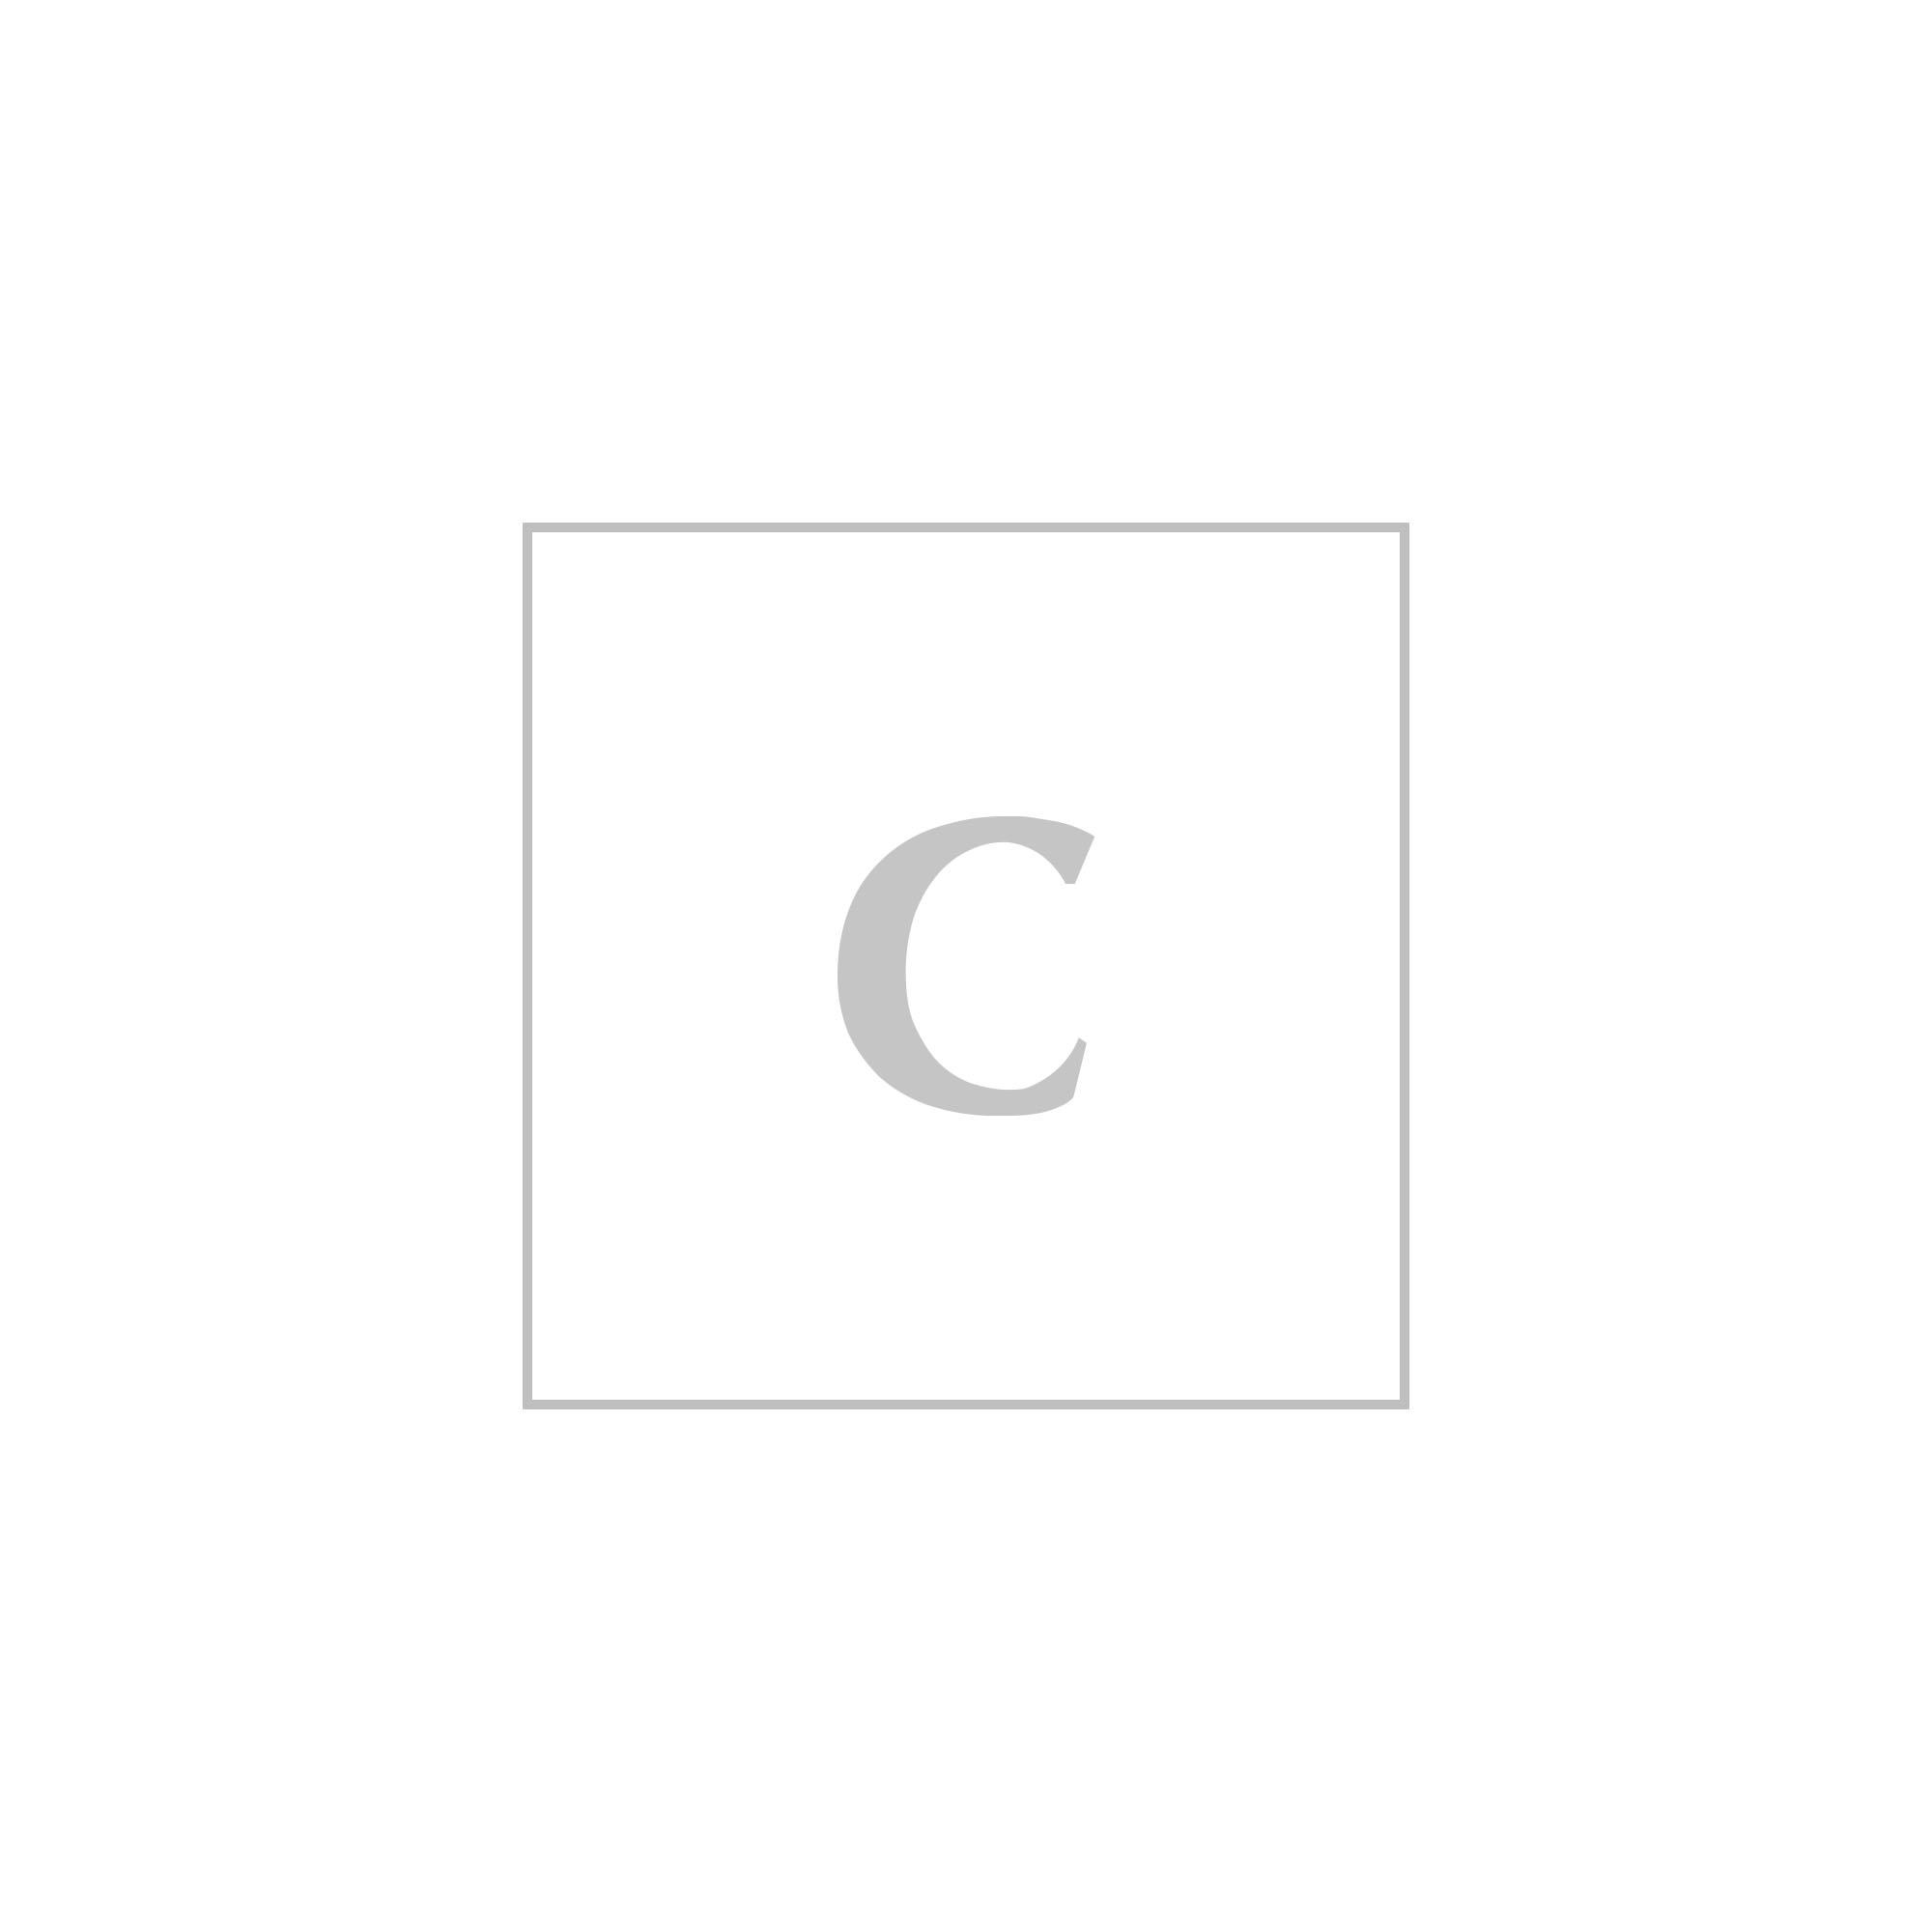 Moncler gilet athos